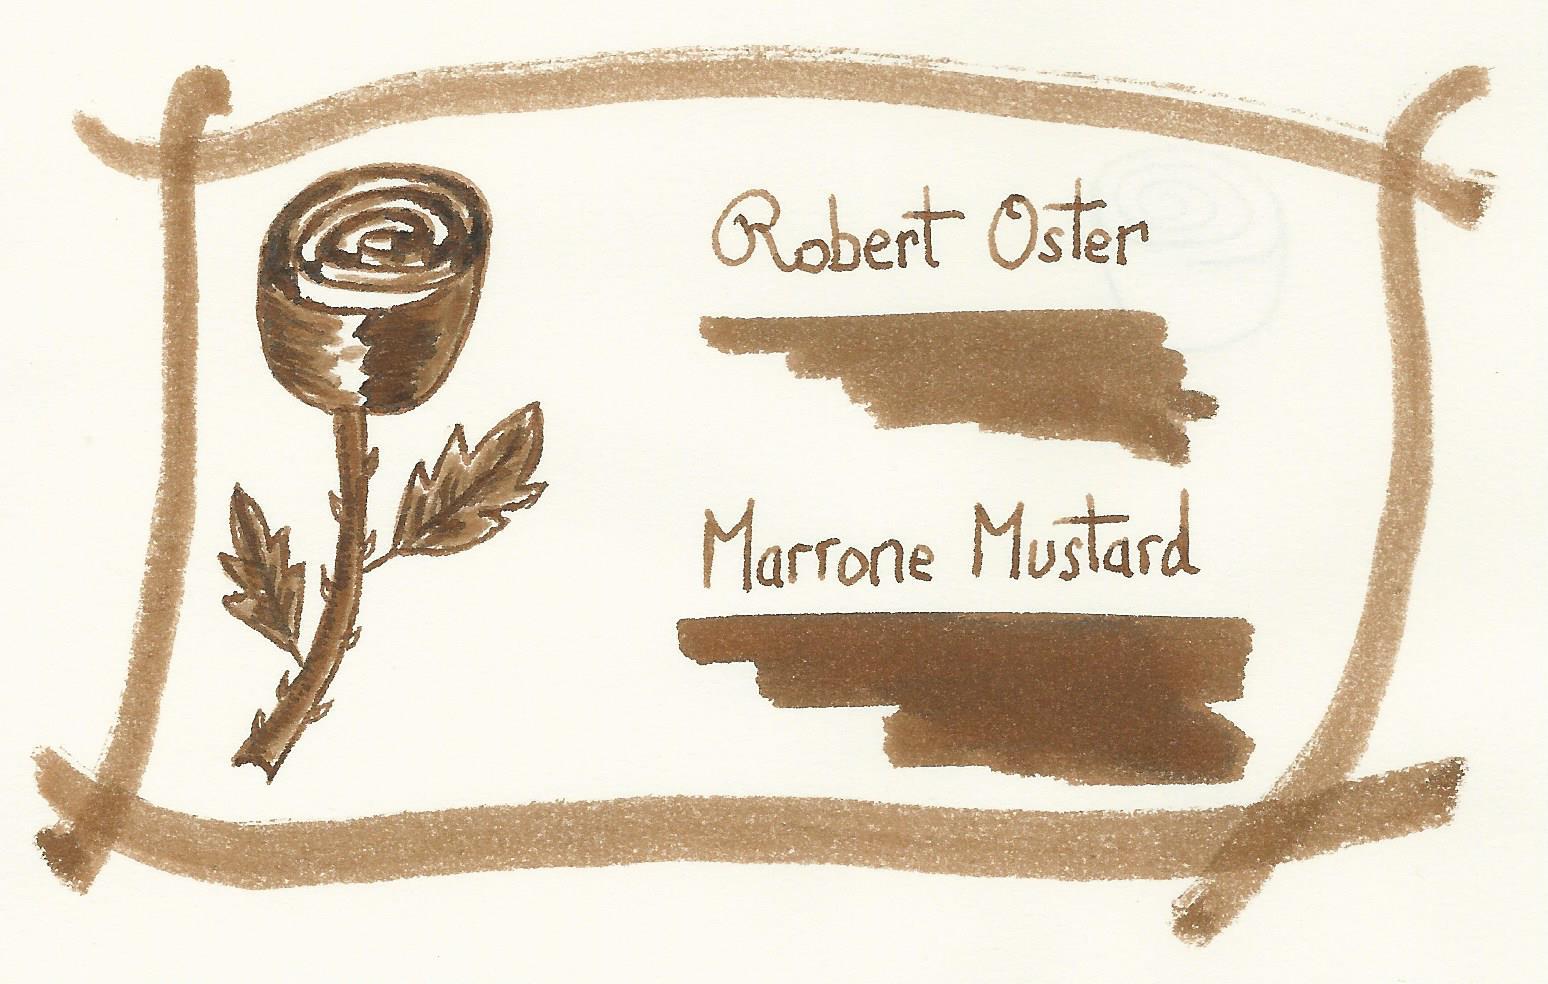 fpn_1502797114__robert_oster_-_marrone_m